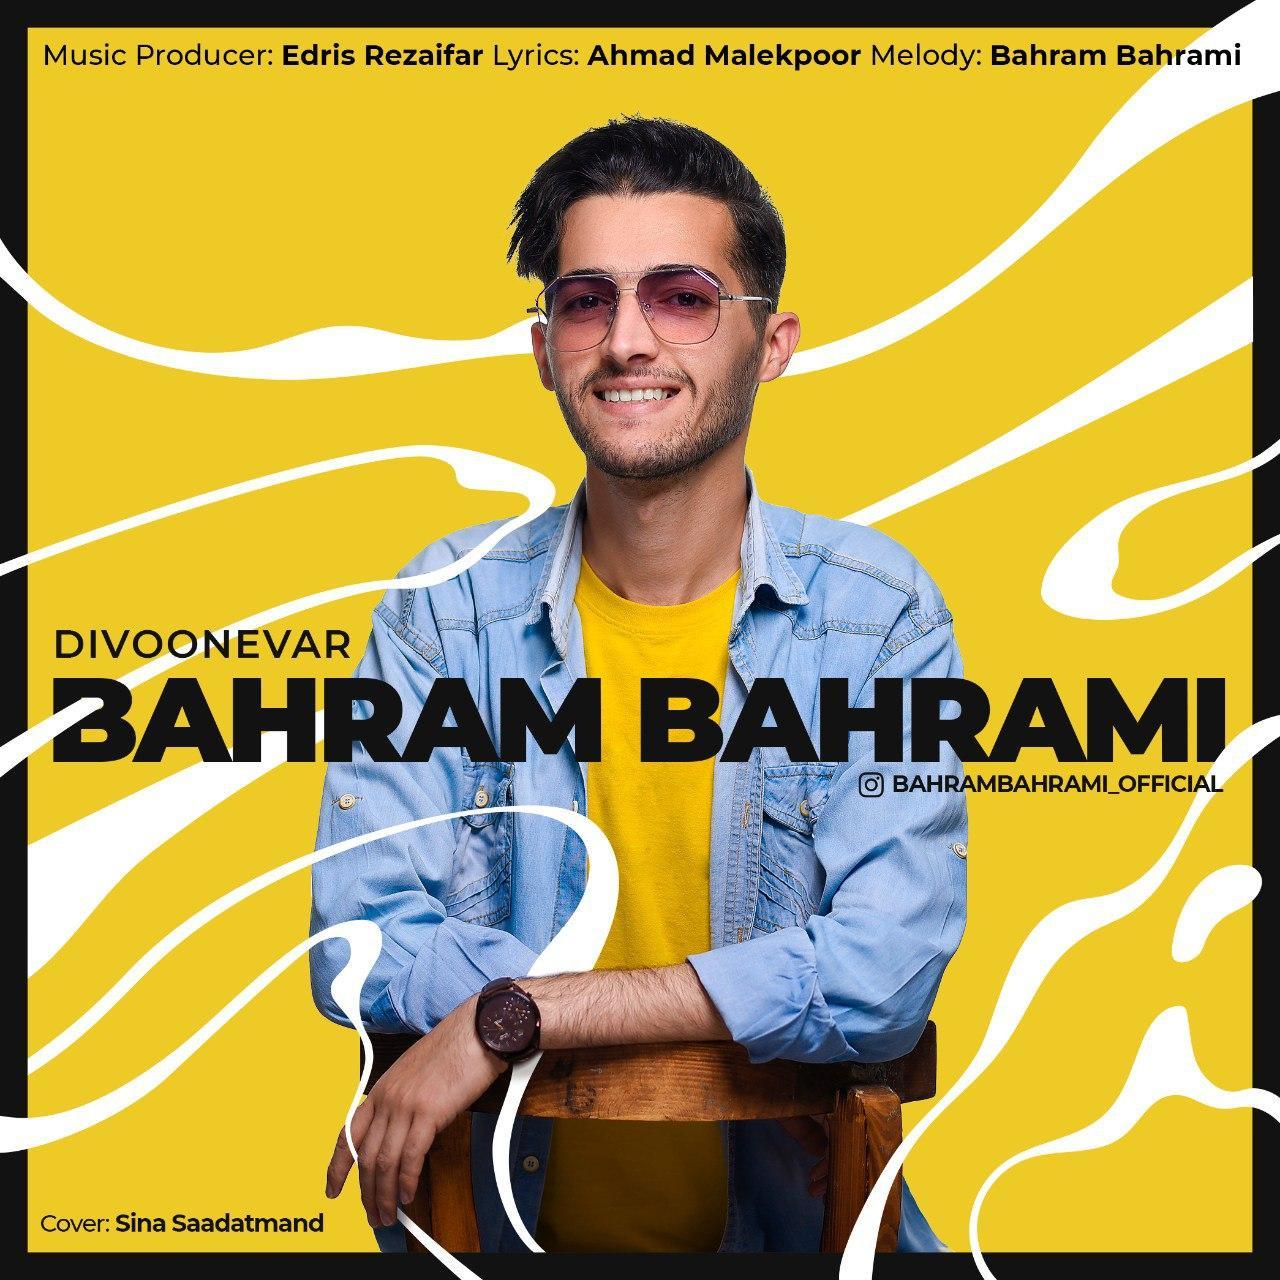 Bahram Bahrami – Divoonevar